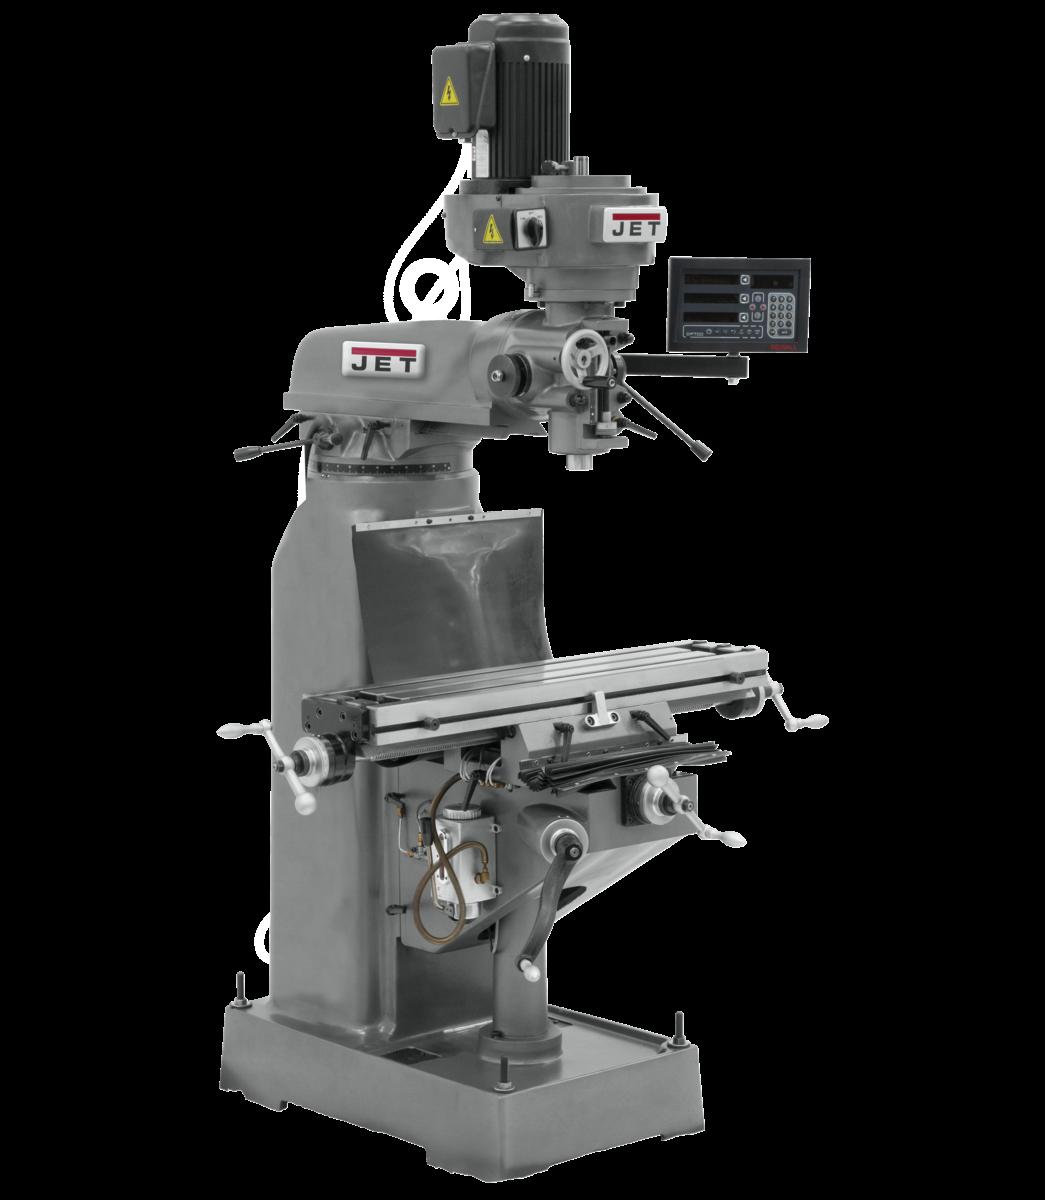 Fresadora JVM-836-3 con visualizador de posición digital DP700